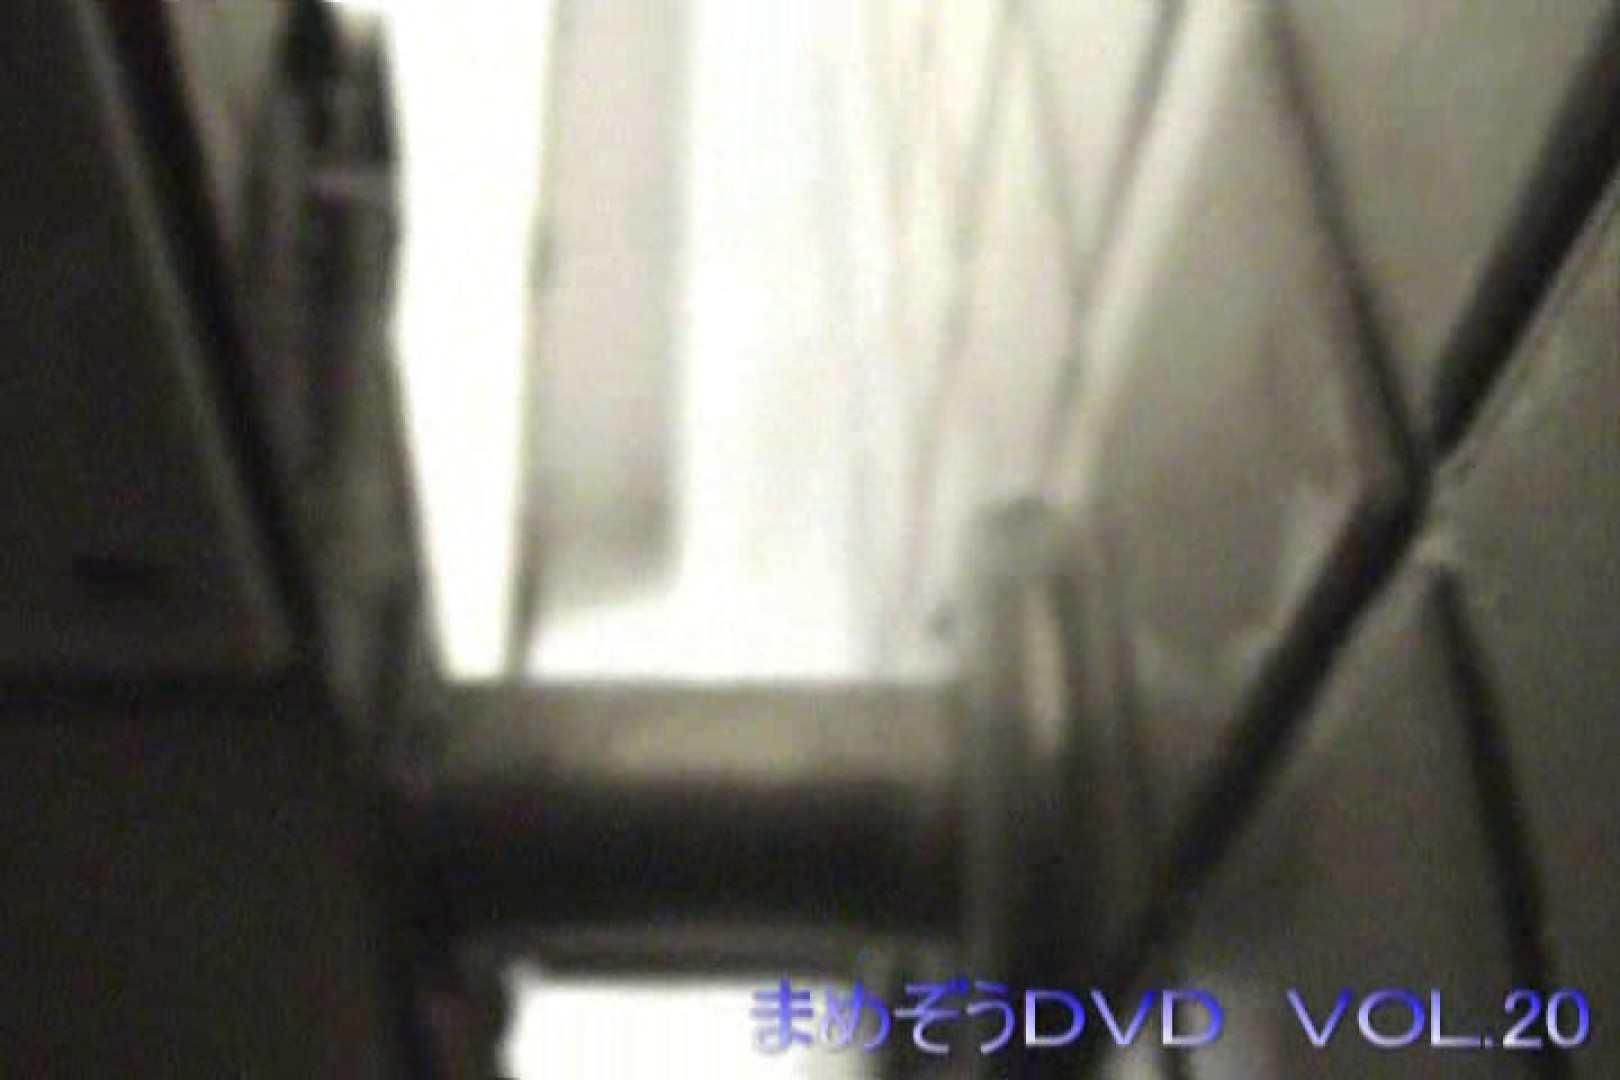 まめぞうDVD完全版VOL.20 OLの実態 | ギャルの実態  75pic 45